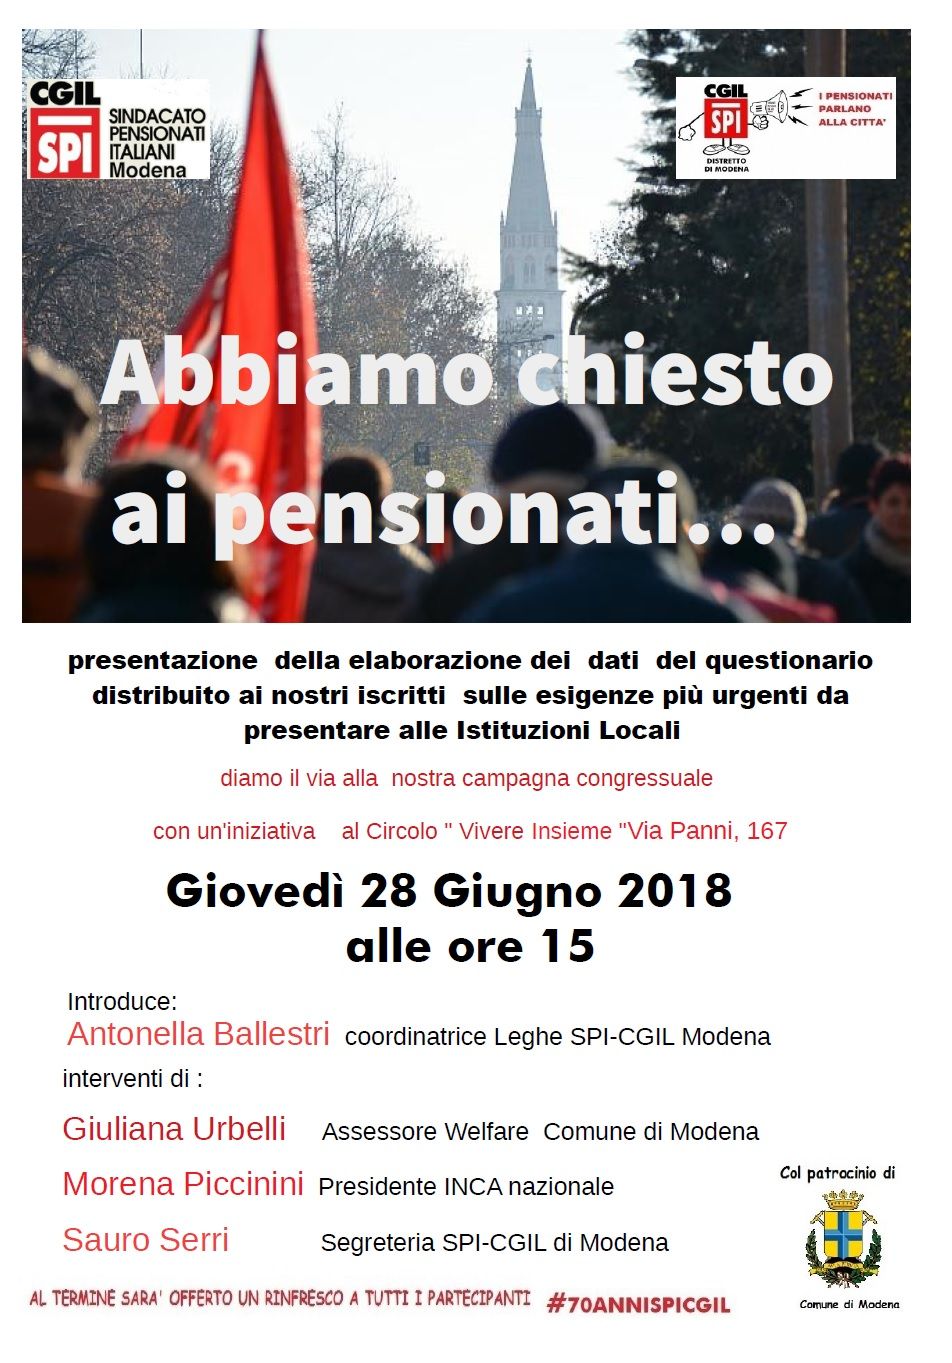 Abbiamo chiesto ai pensionati - Modena 28-6-2018